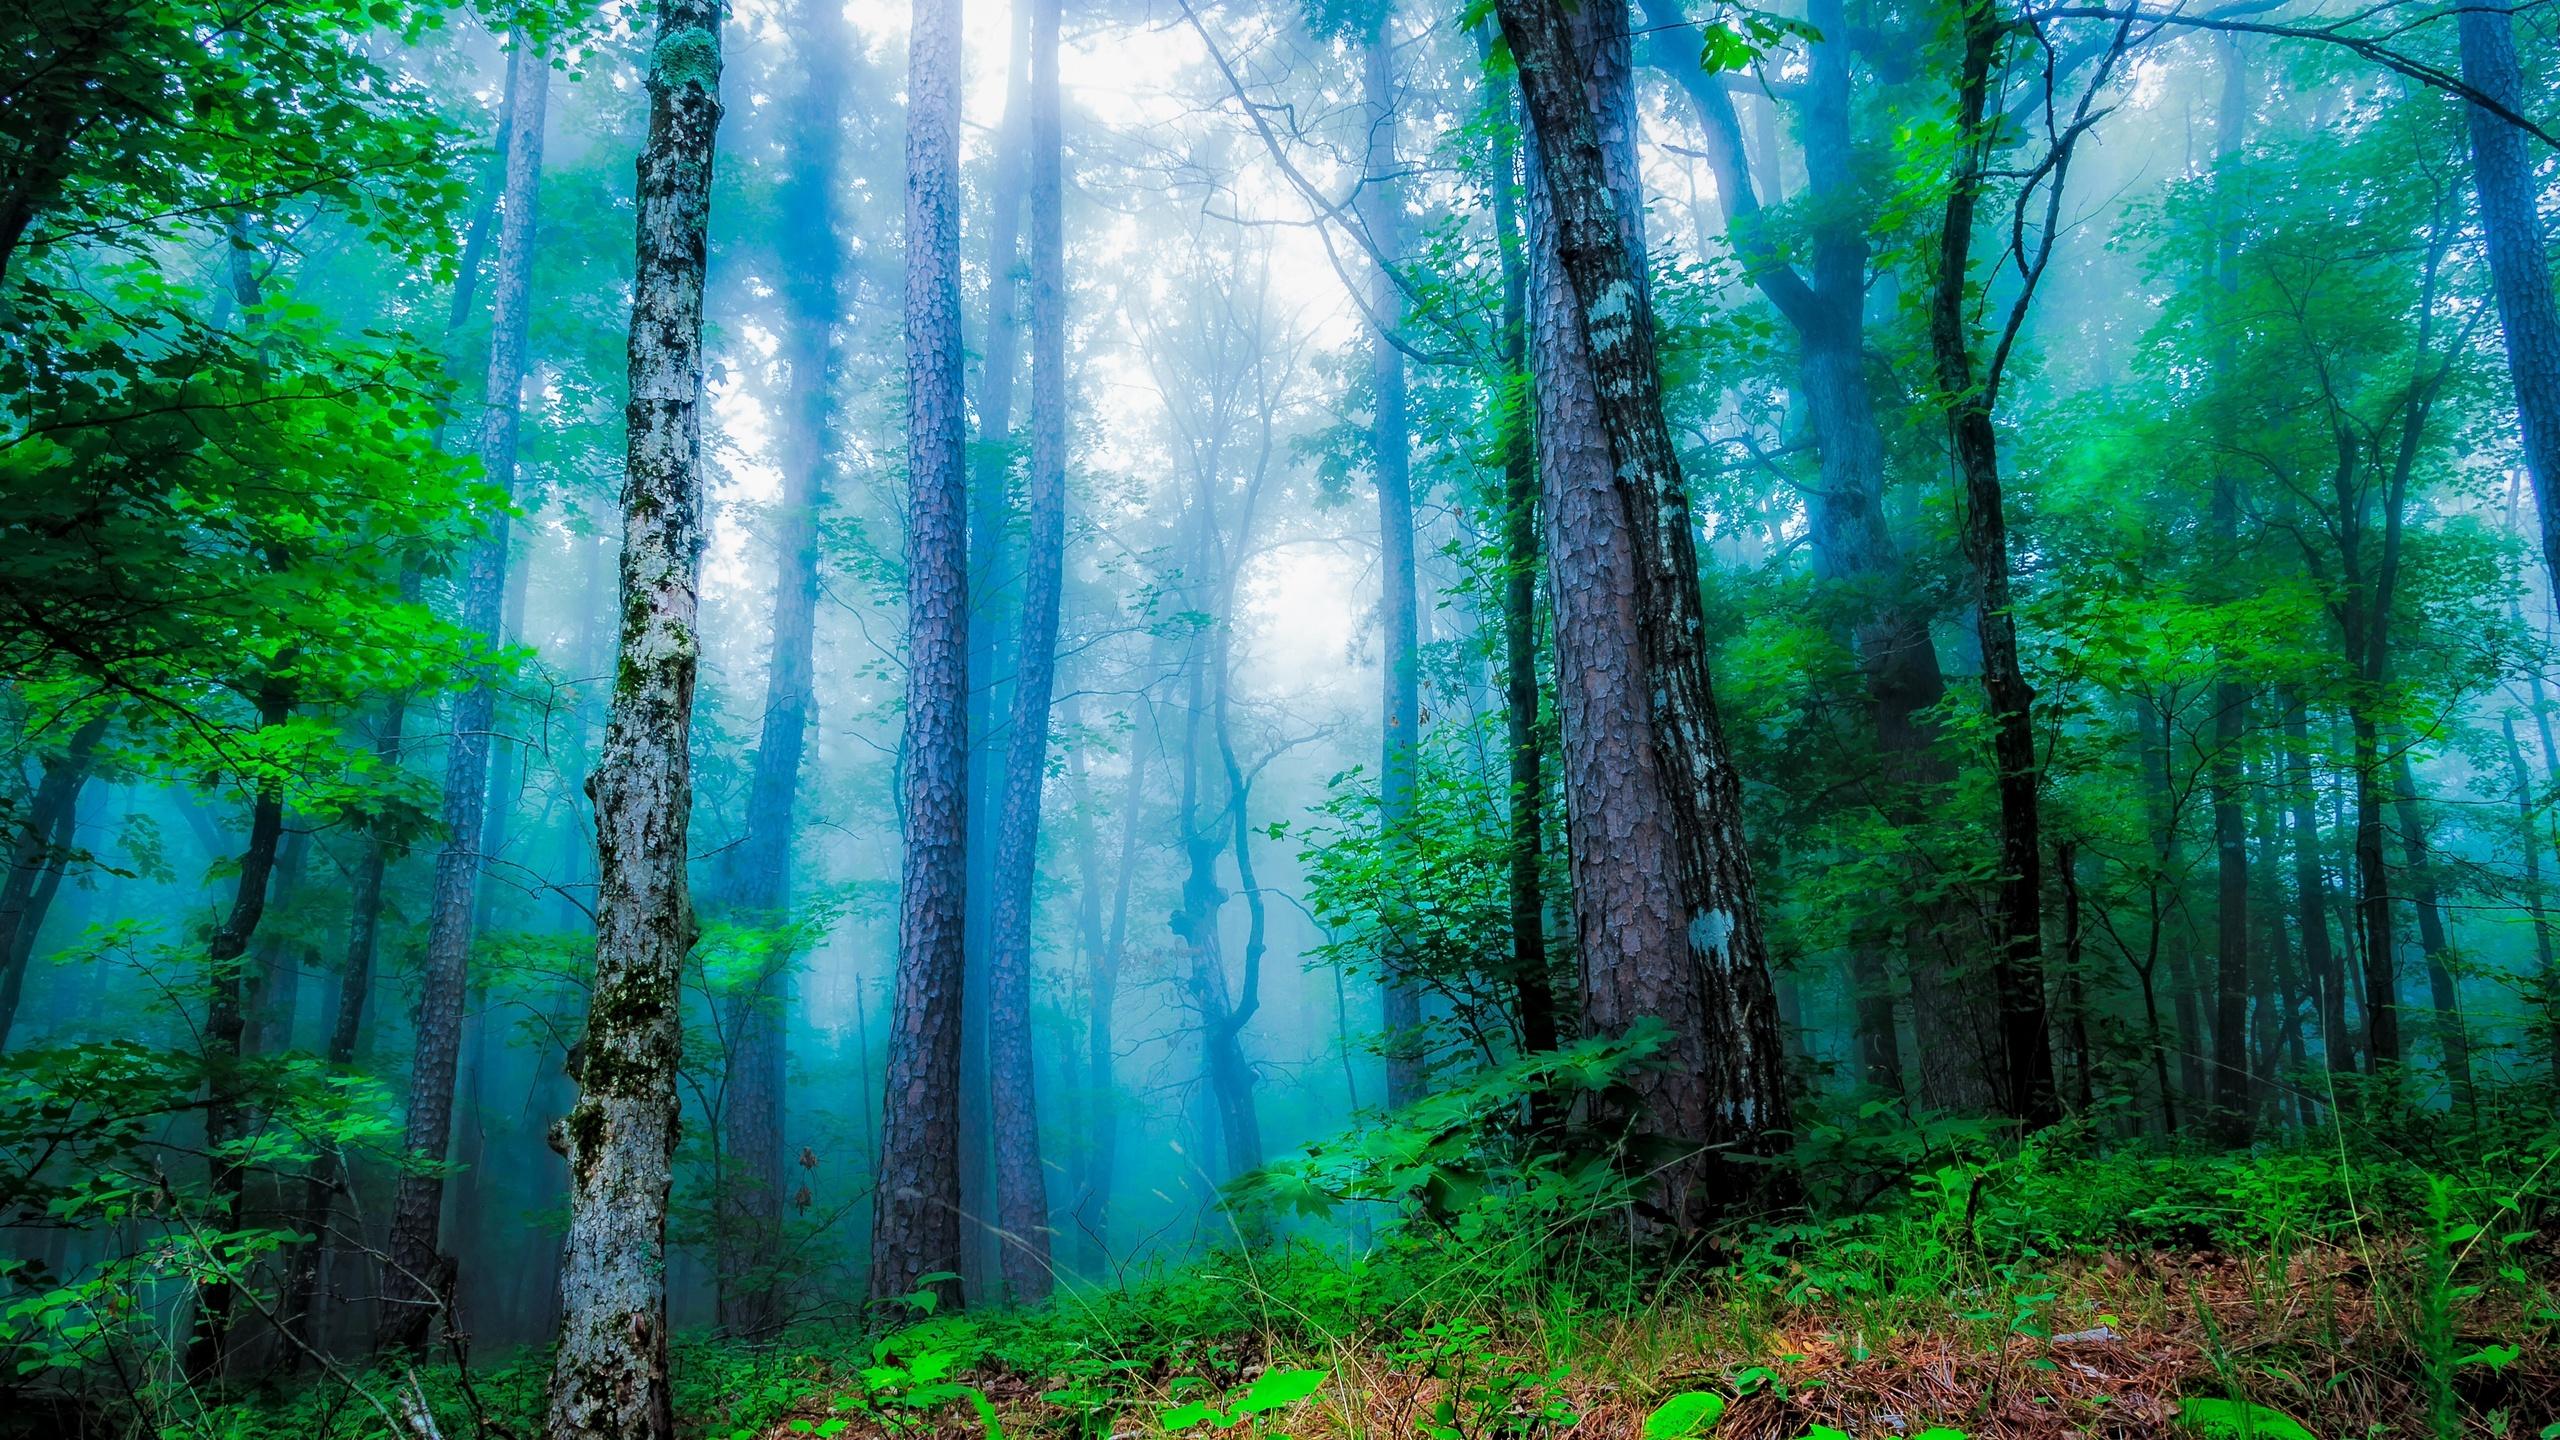 молодец такую красивая открытка леса попросил подписчиков